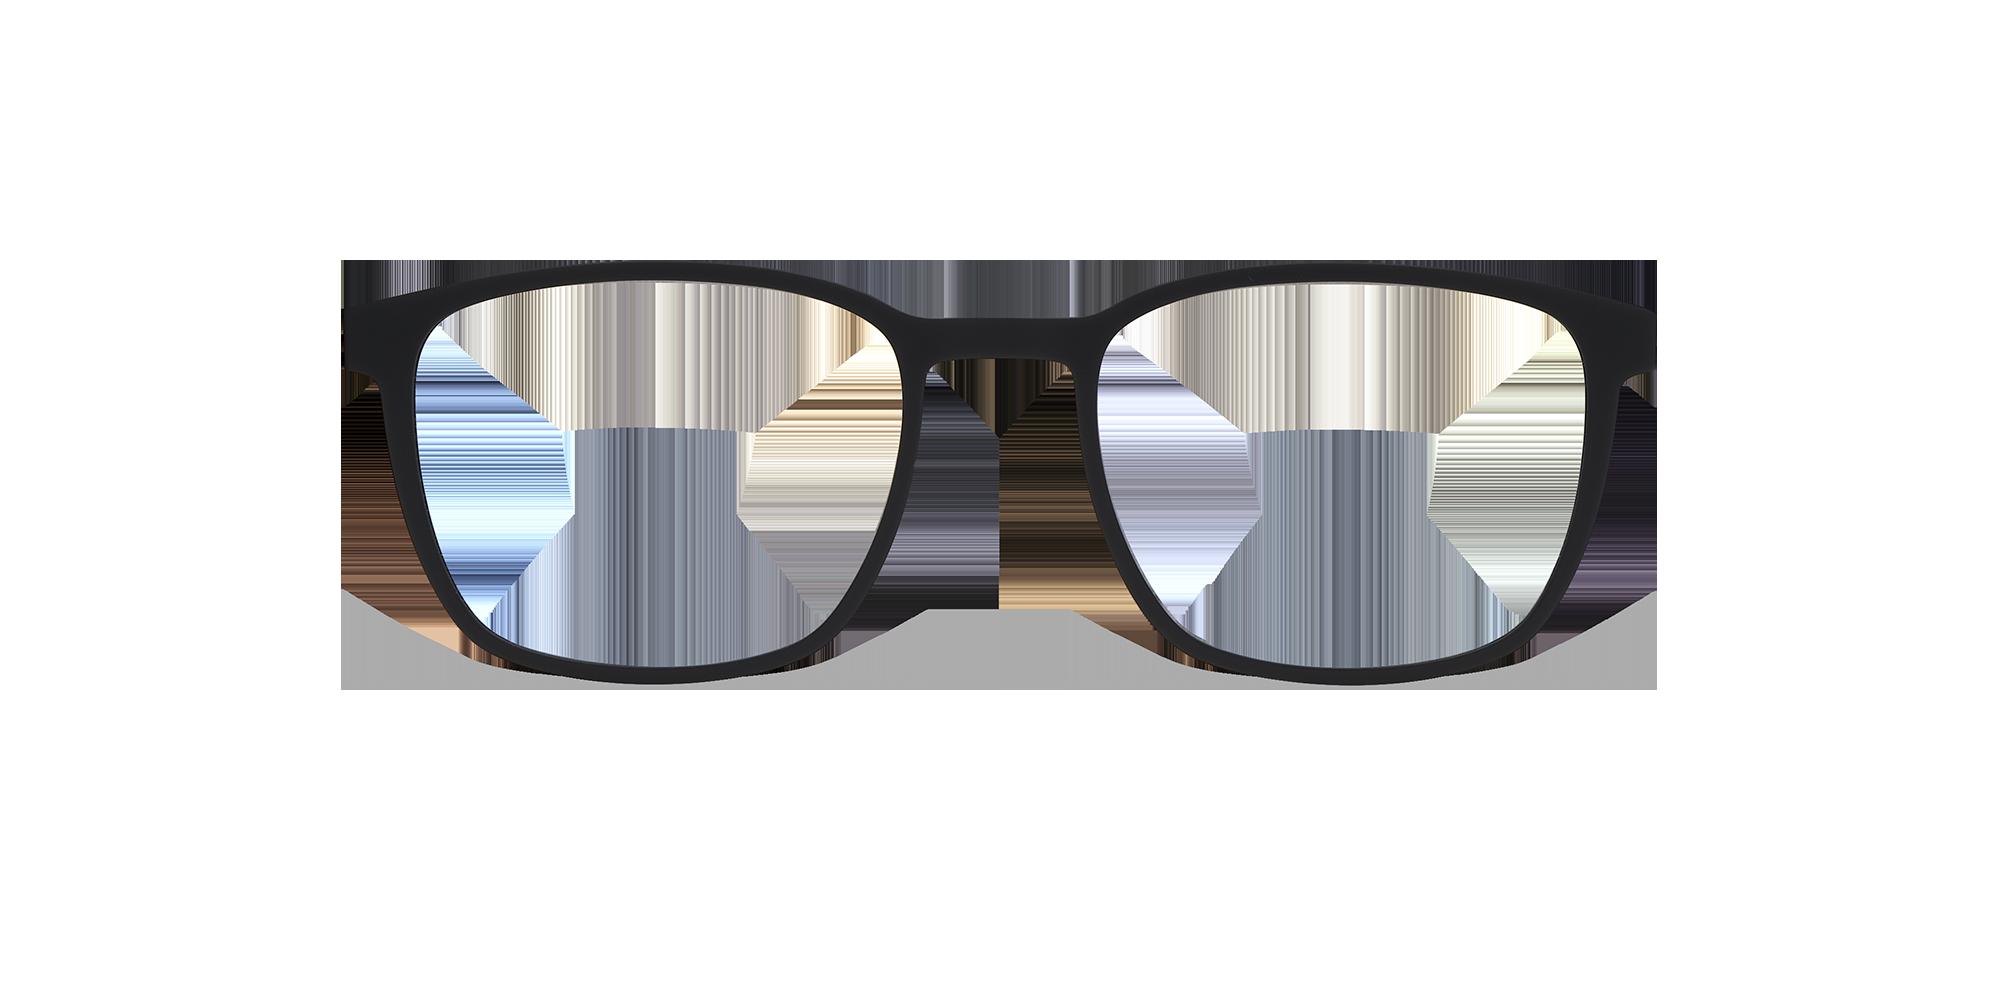 afflelou/france/products/smart_clip/clips_glasses/TMK42NVBK015319.png